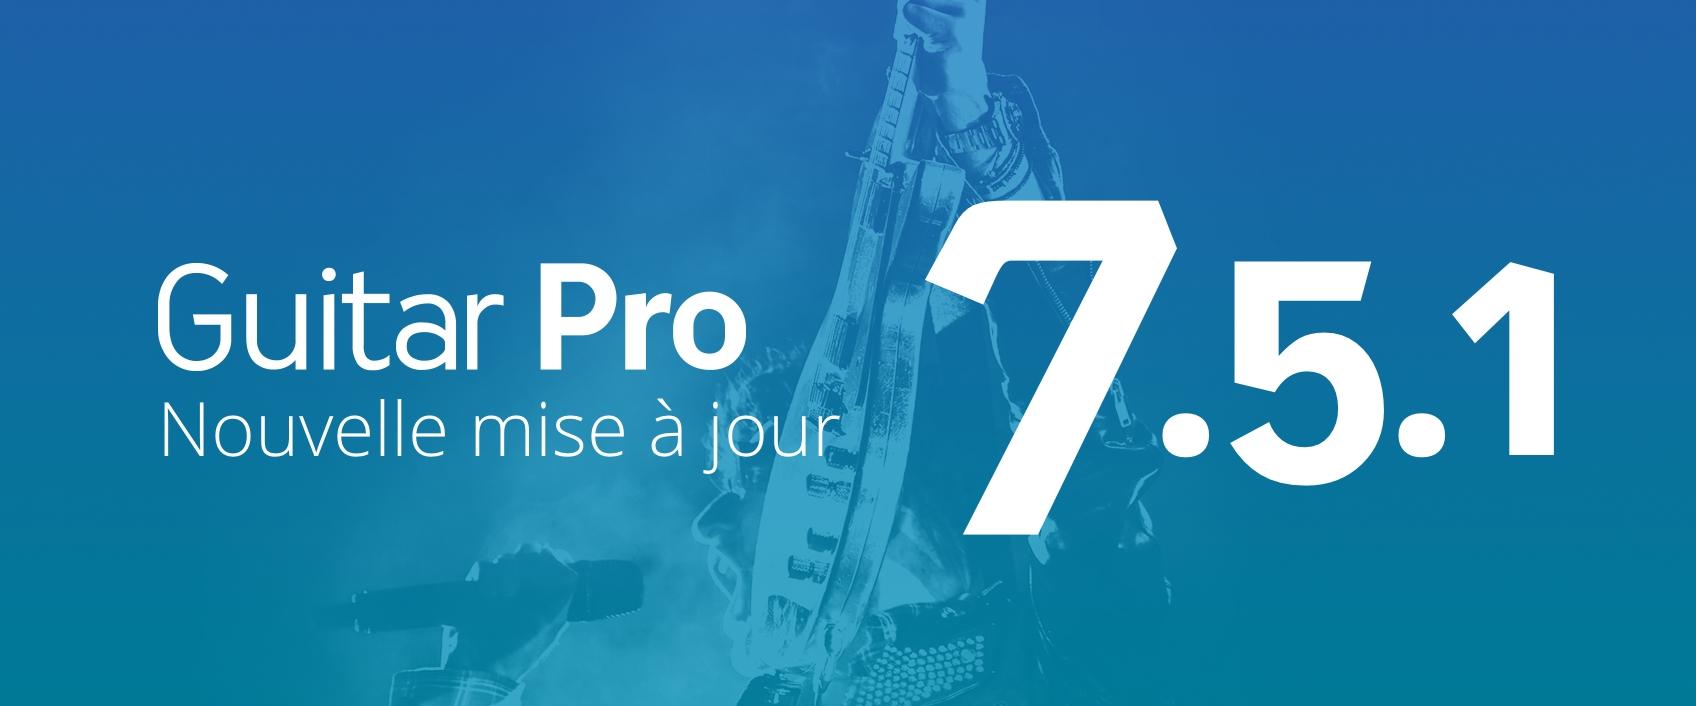 Guitar Pro 7.5.1 est disponible